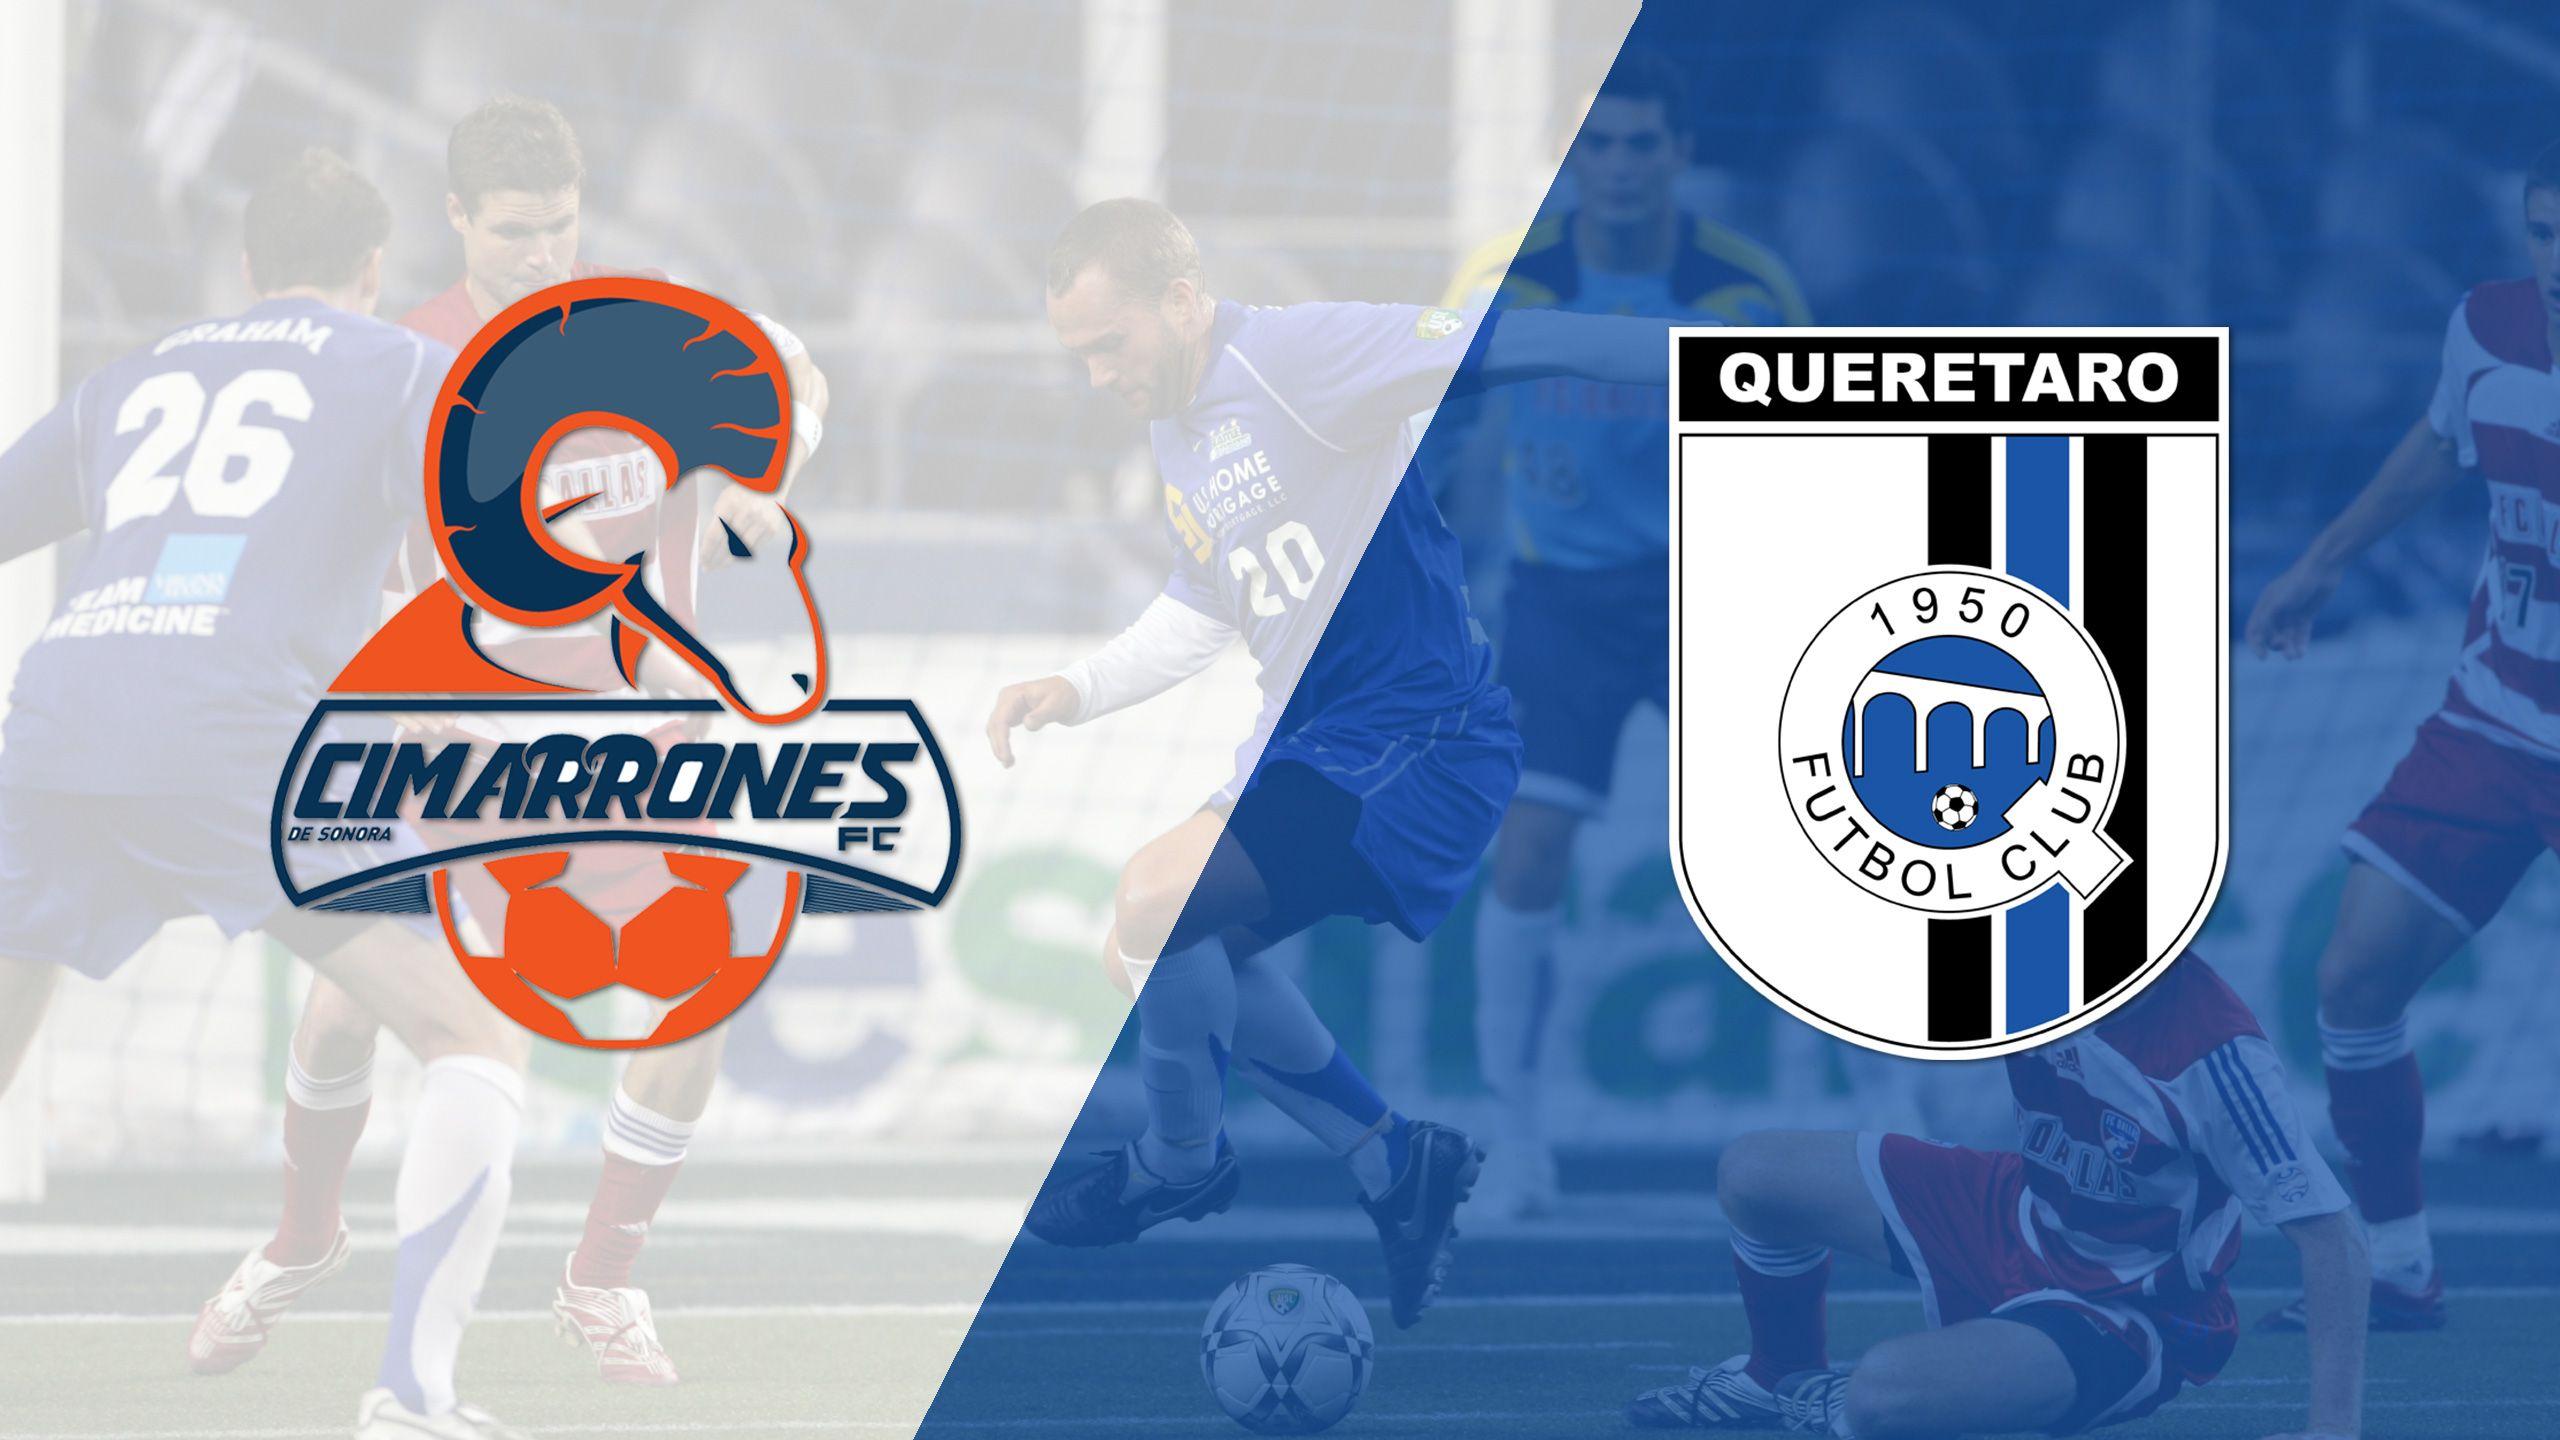 In Spanish - Cimarrones de Sonora vs. Gallos Blancos de Querétaro (Copa Mexico)